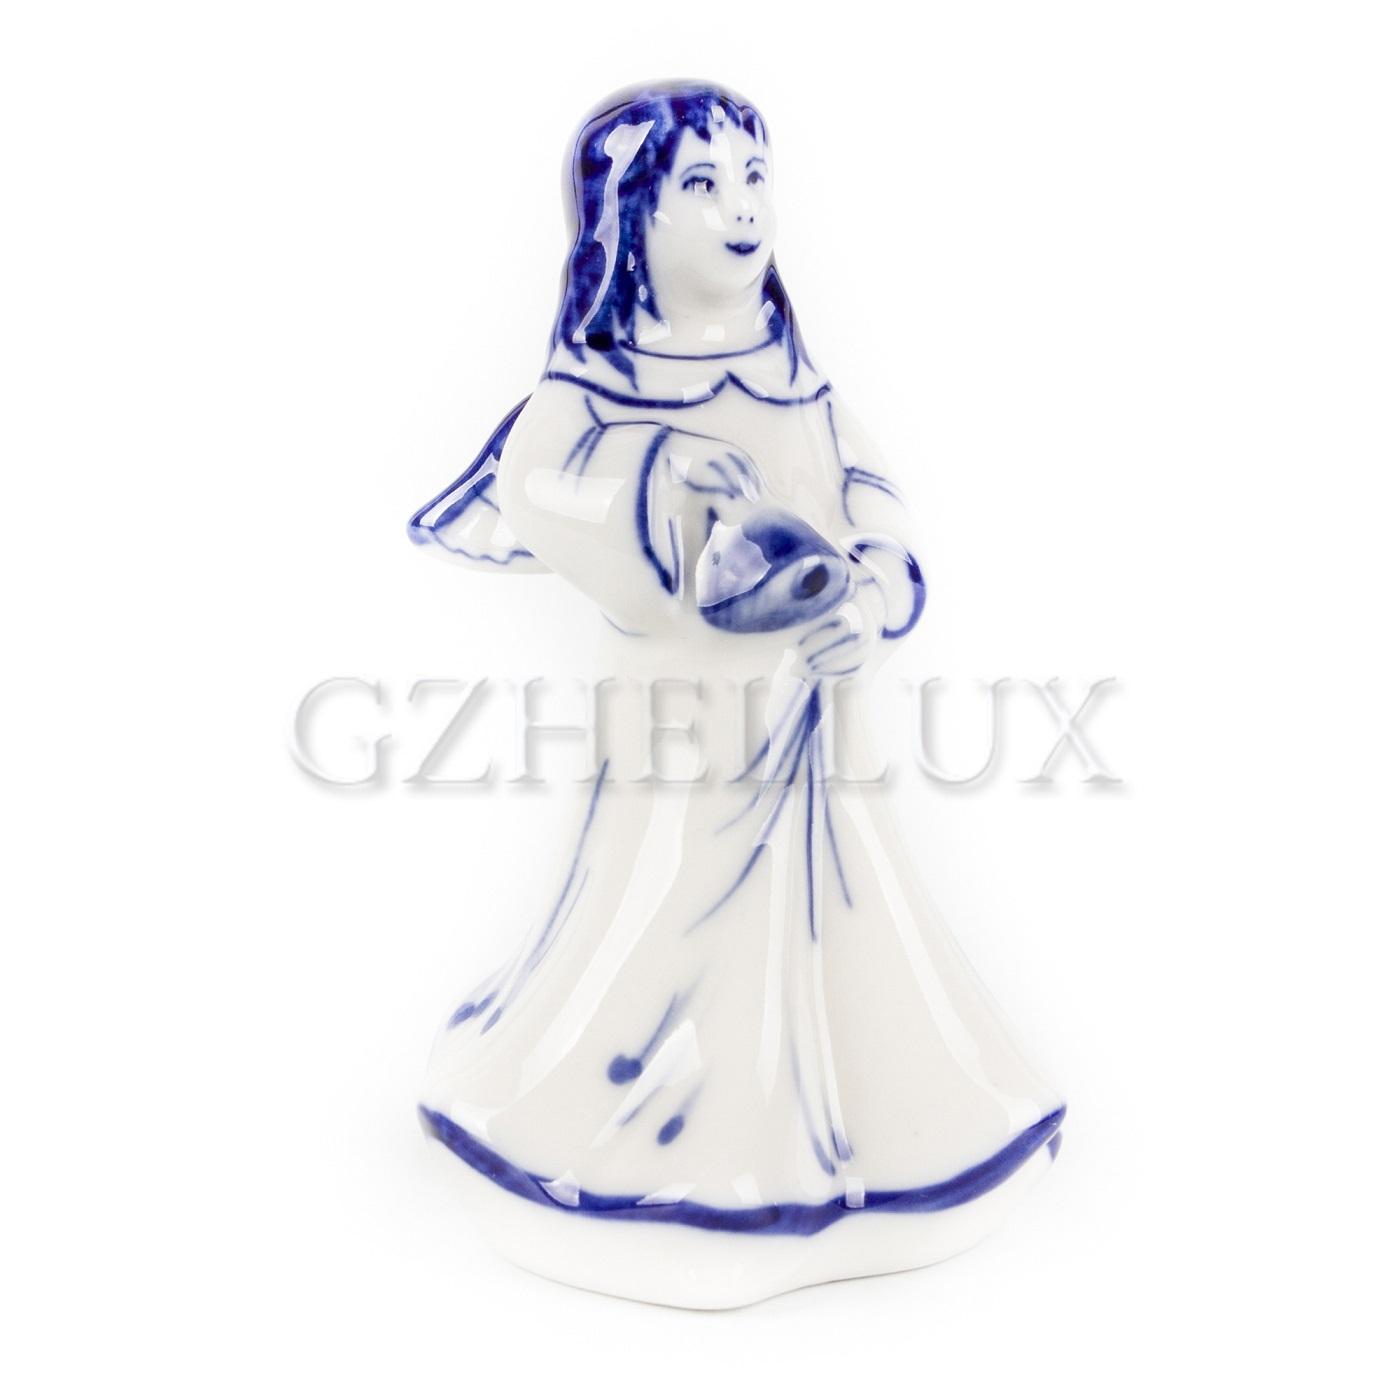 Скульптура «Ангел с колокольчиком»